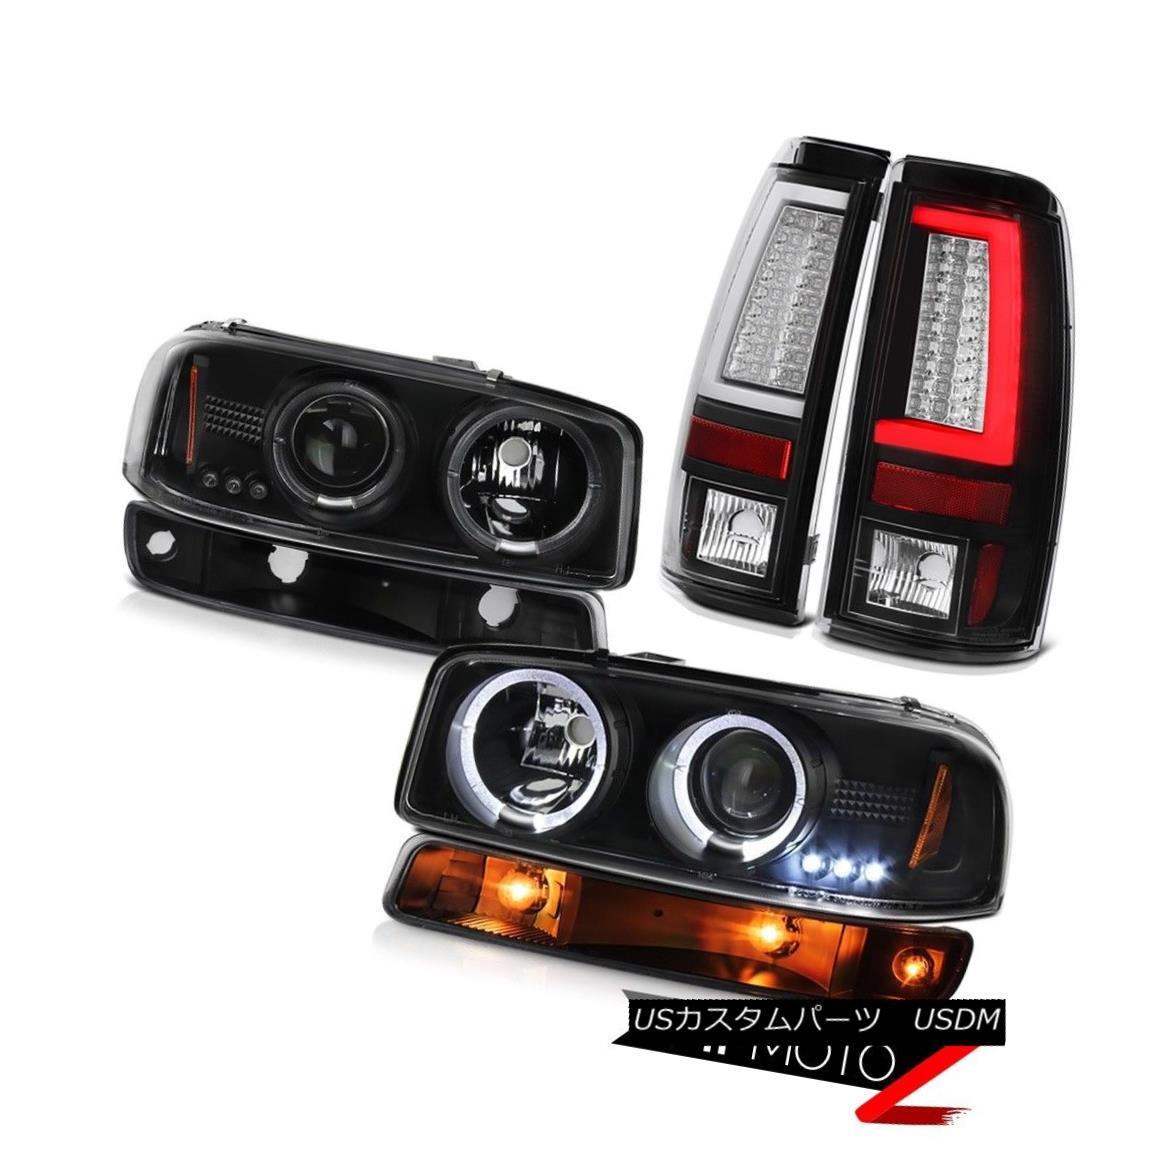 テールライト 99-06 Sierra SLT Black Tail Lights Bumper Lamp Headlights Light Bar LED Halo Rim 99-06 Sierra SLTブラックテールライトバンパーランプヘッドライトライトバーLED Halo Rim